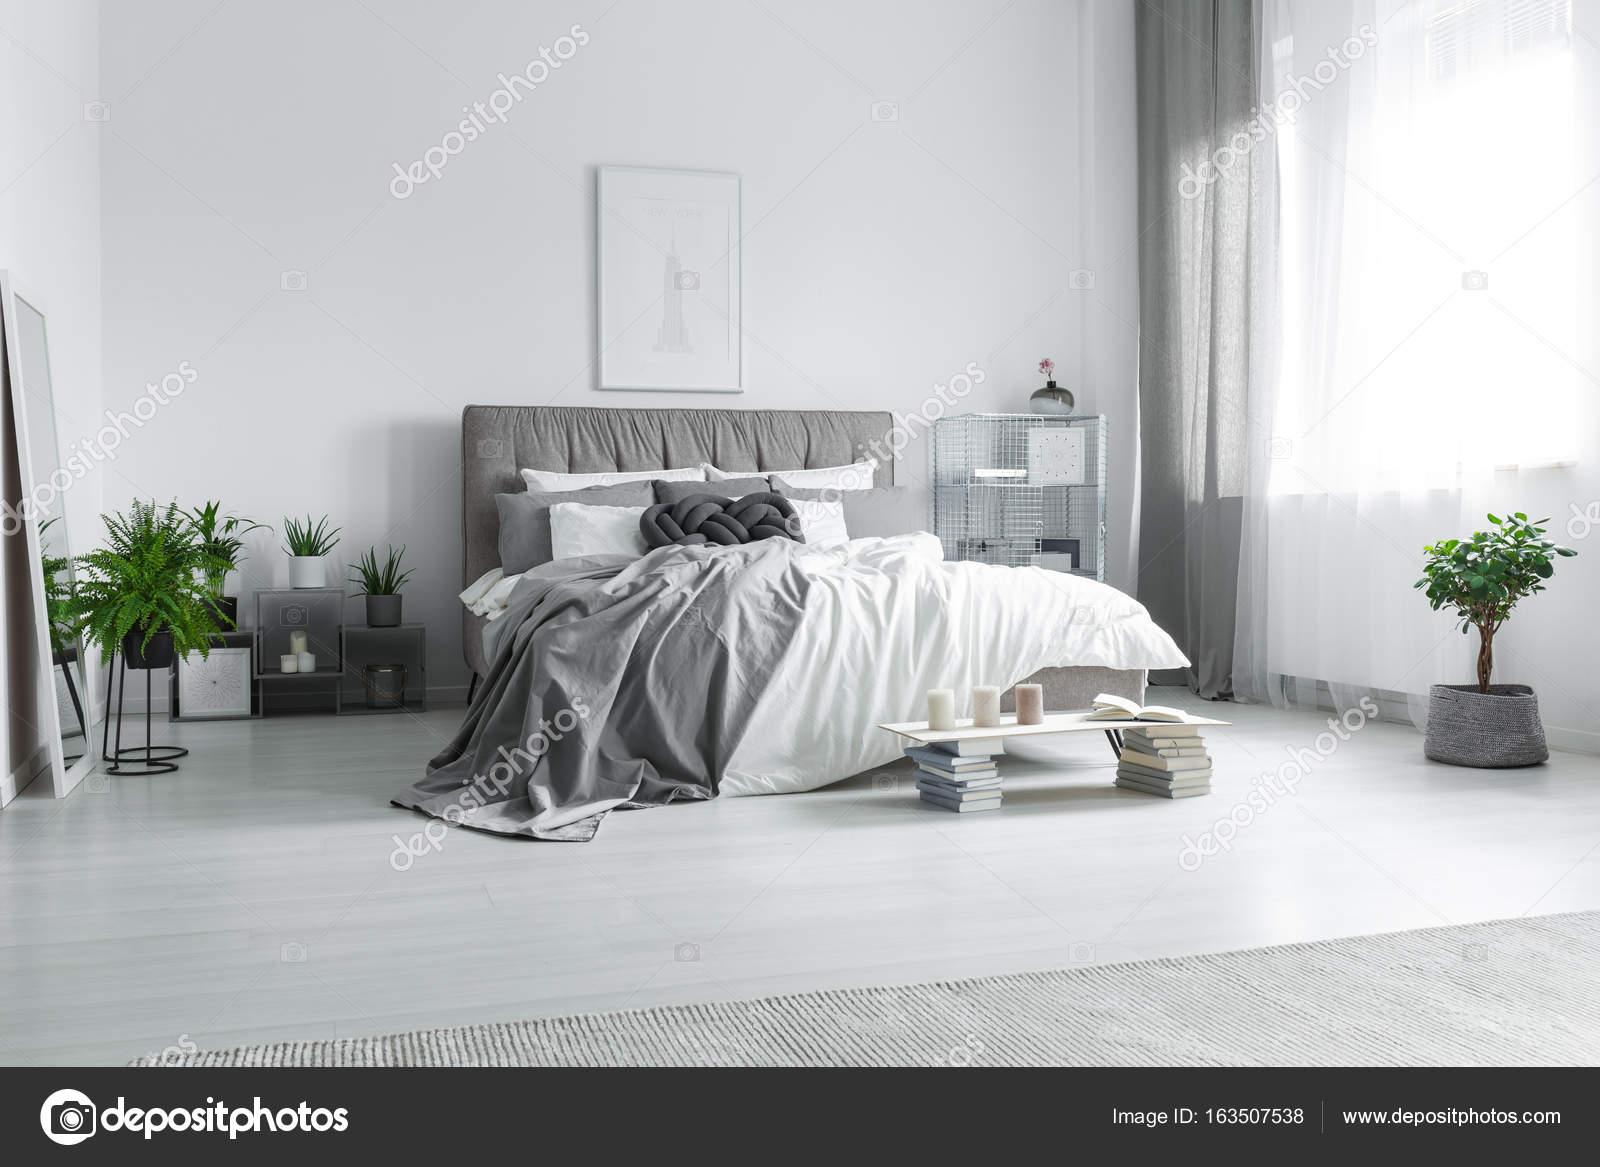 Cama desordenada en la habitación de hotel — Fotos de Stock ...